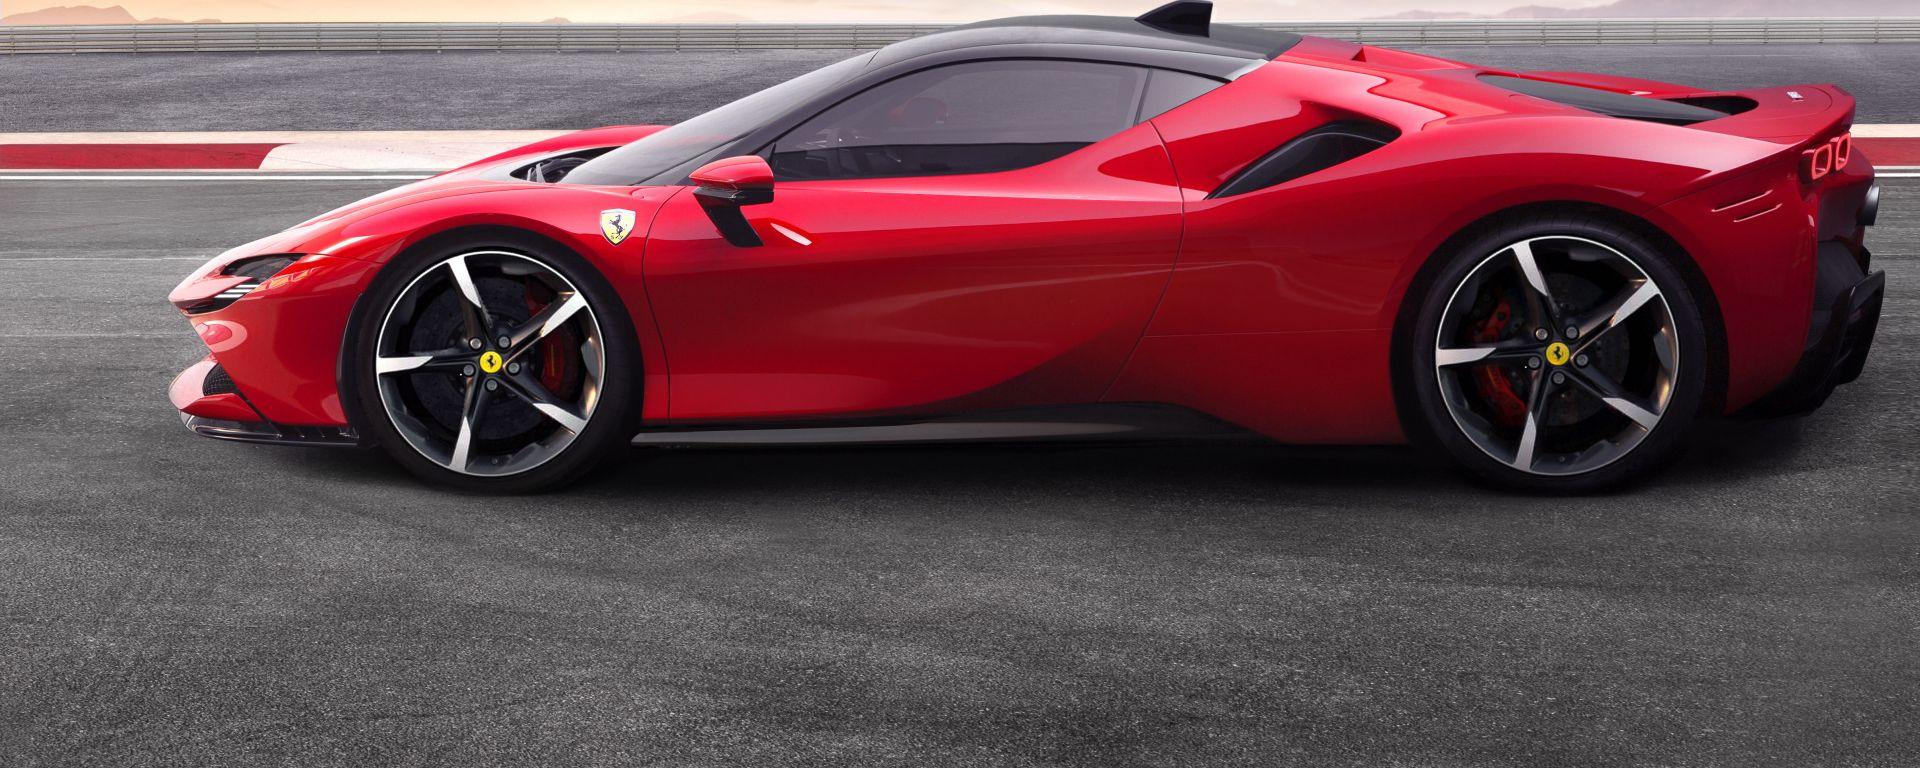 Ferrari SF90 Stradale e le altre ibride Ferrari all'orizzonte